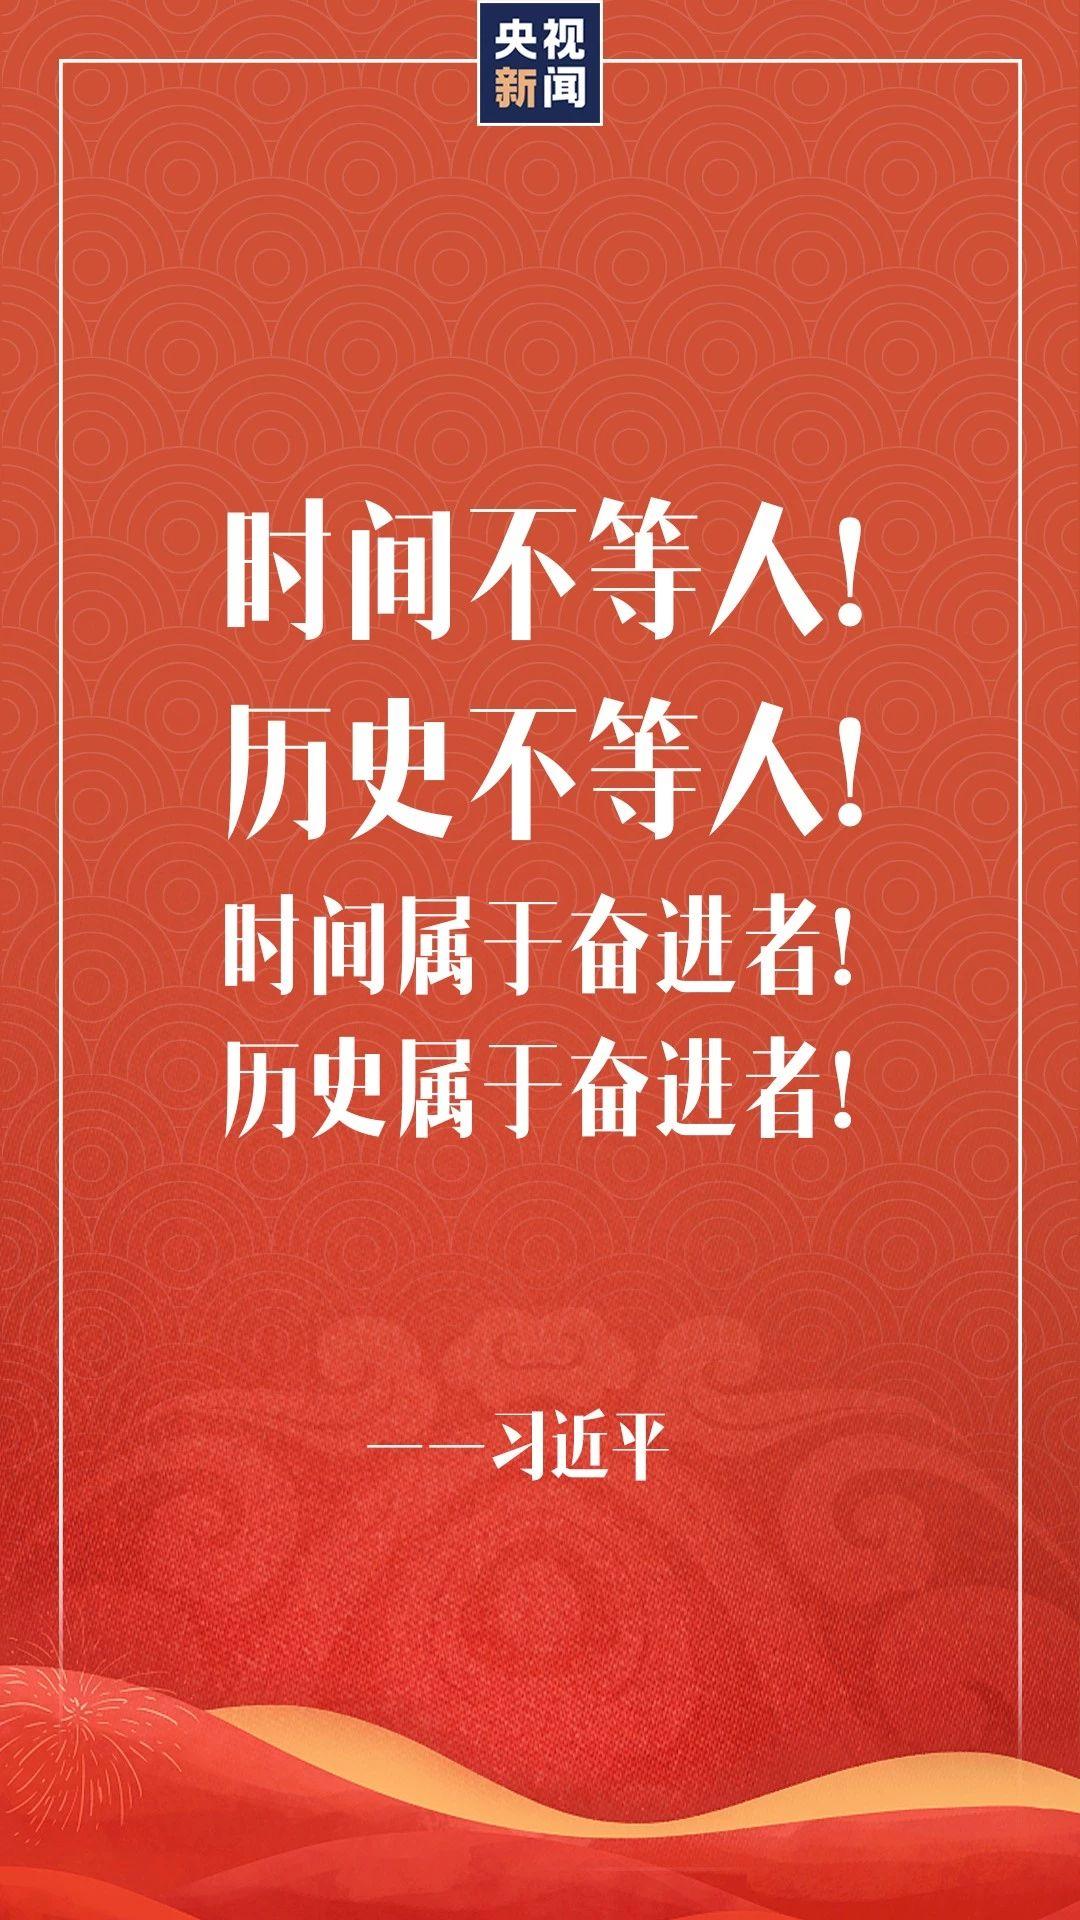 北京时间校对_习近平:时间属于奋进者!历史属于奋进者!_新闻中心_中国网